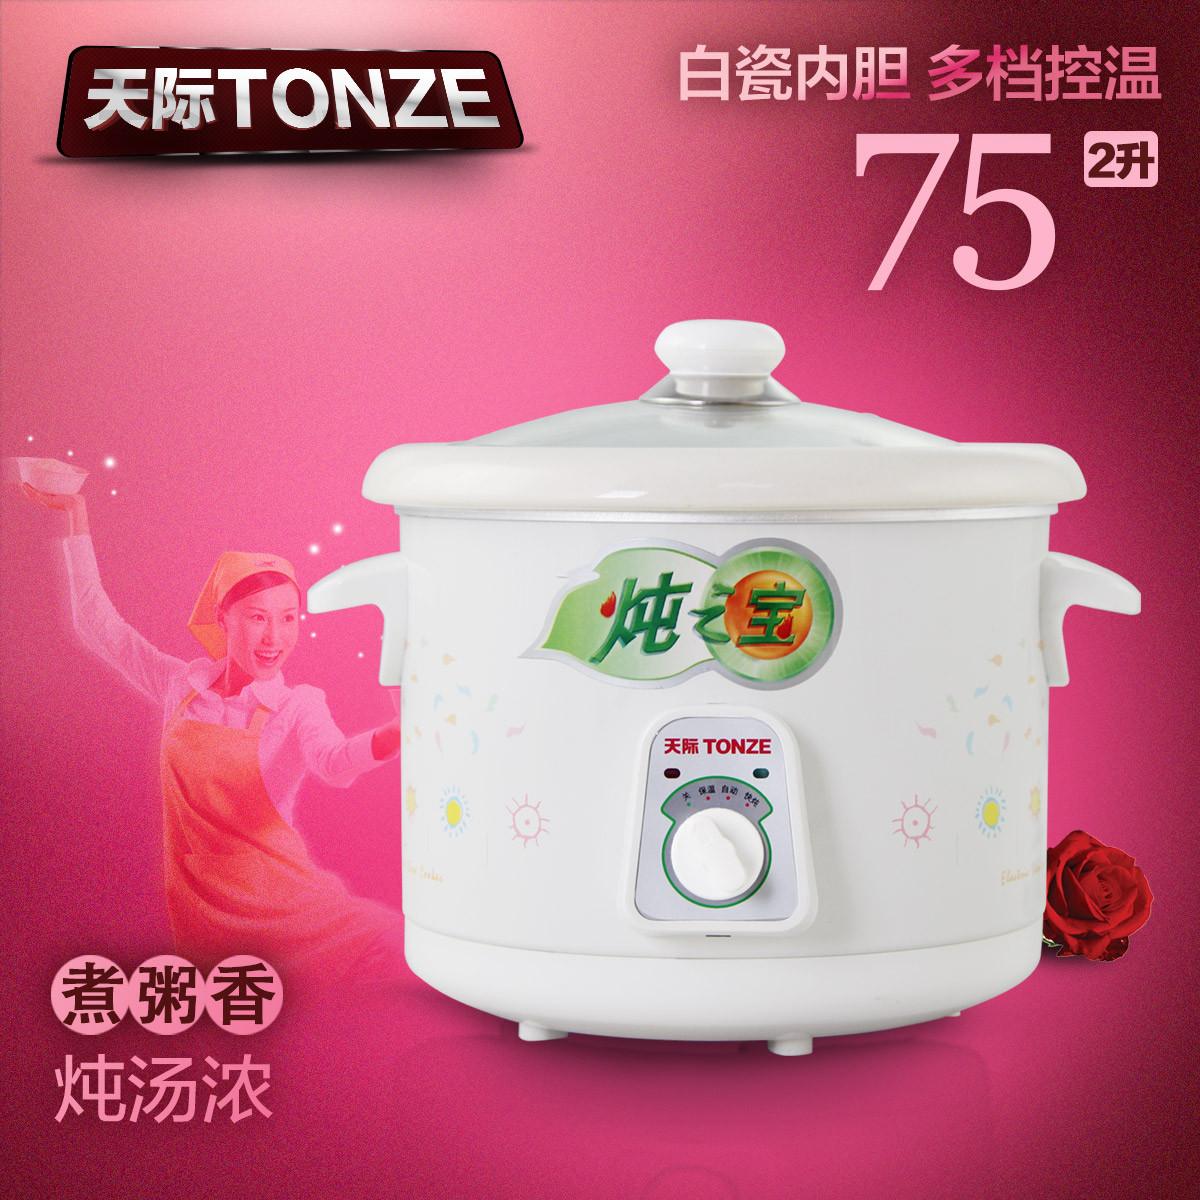 天际 陶瓷煮粥机械式 DDG-20B电炖锅